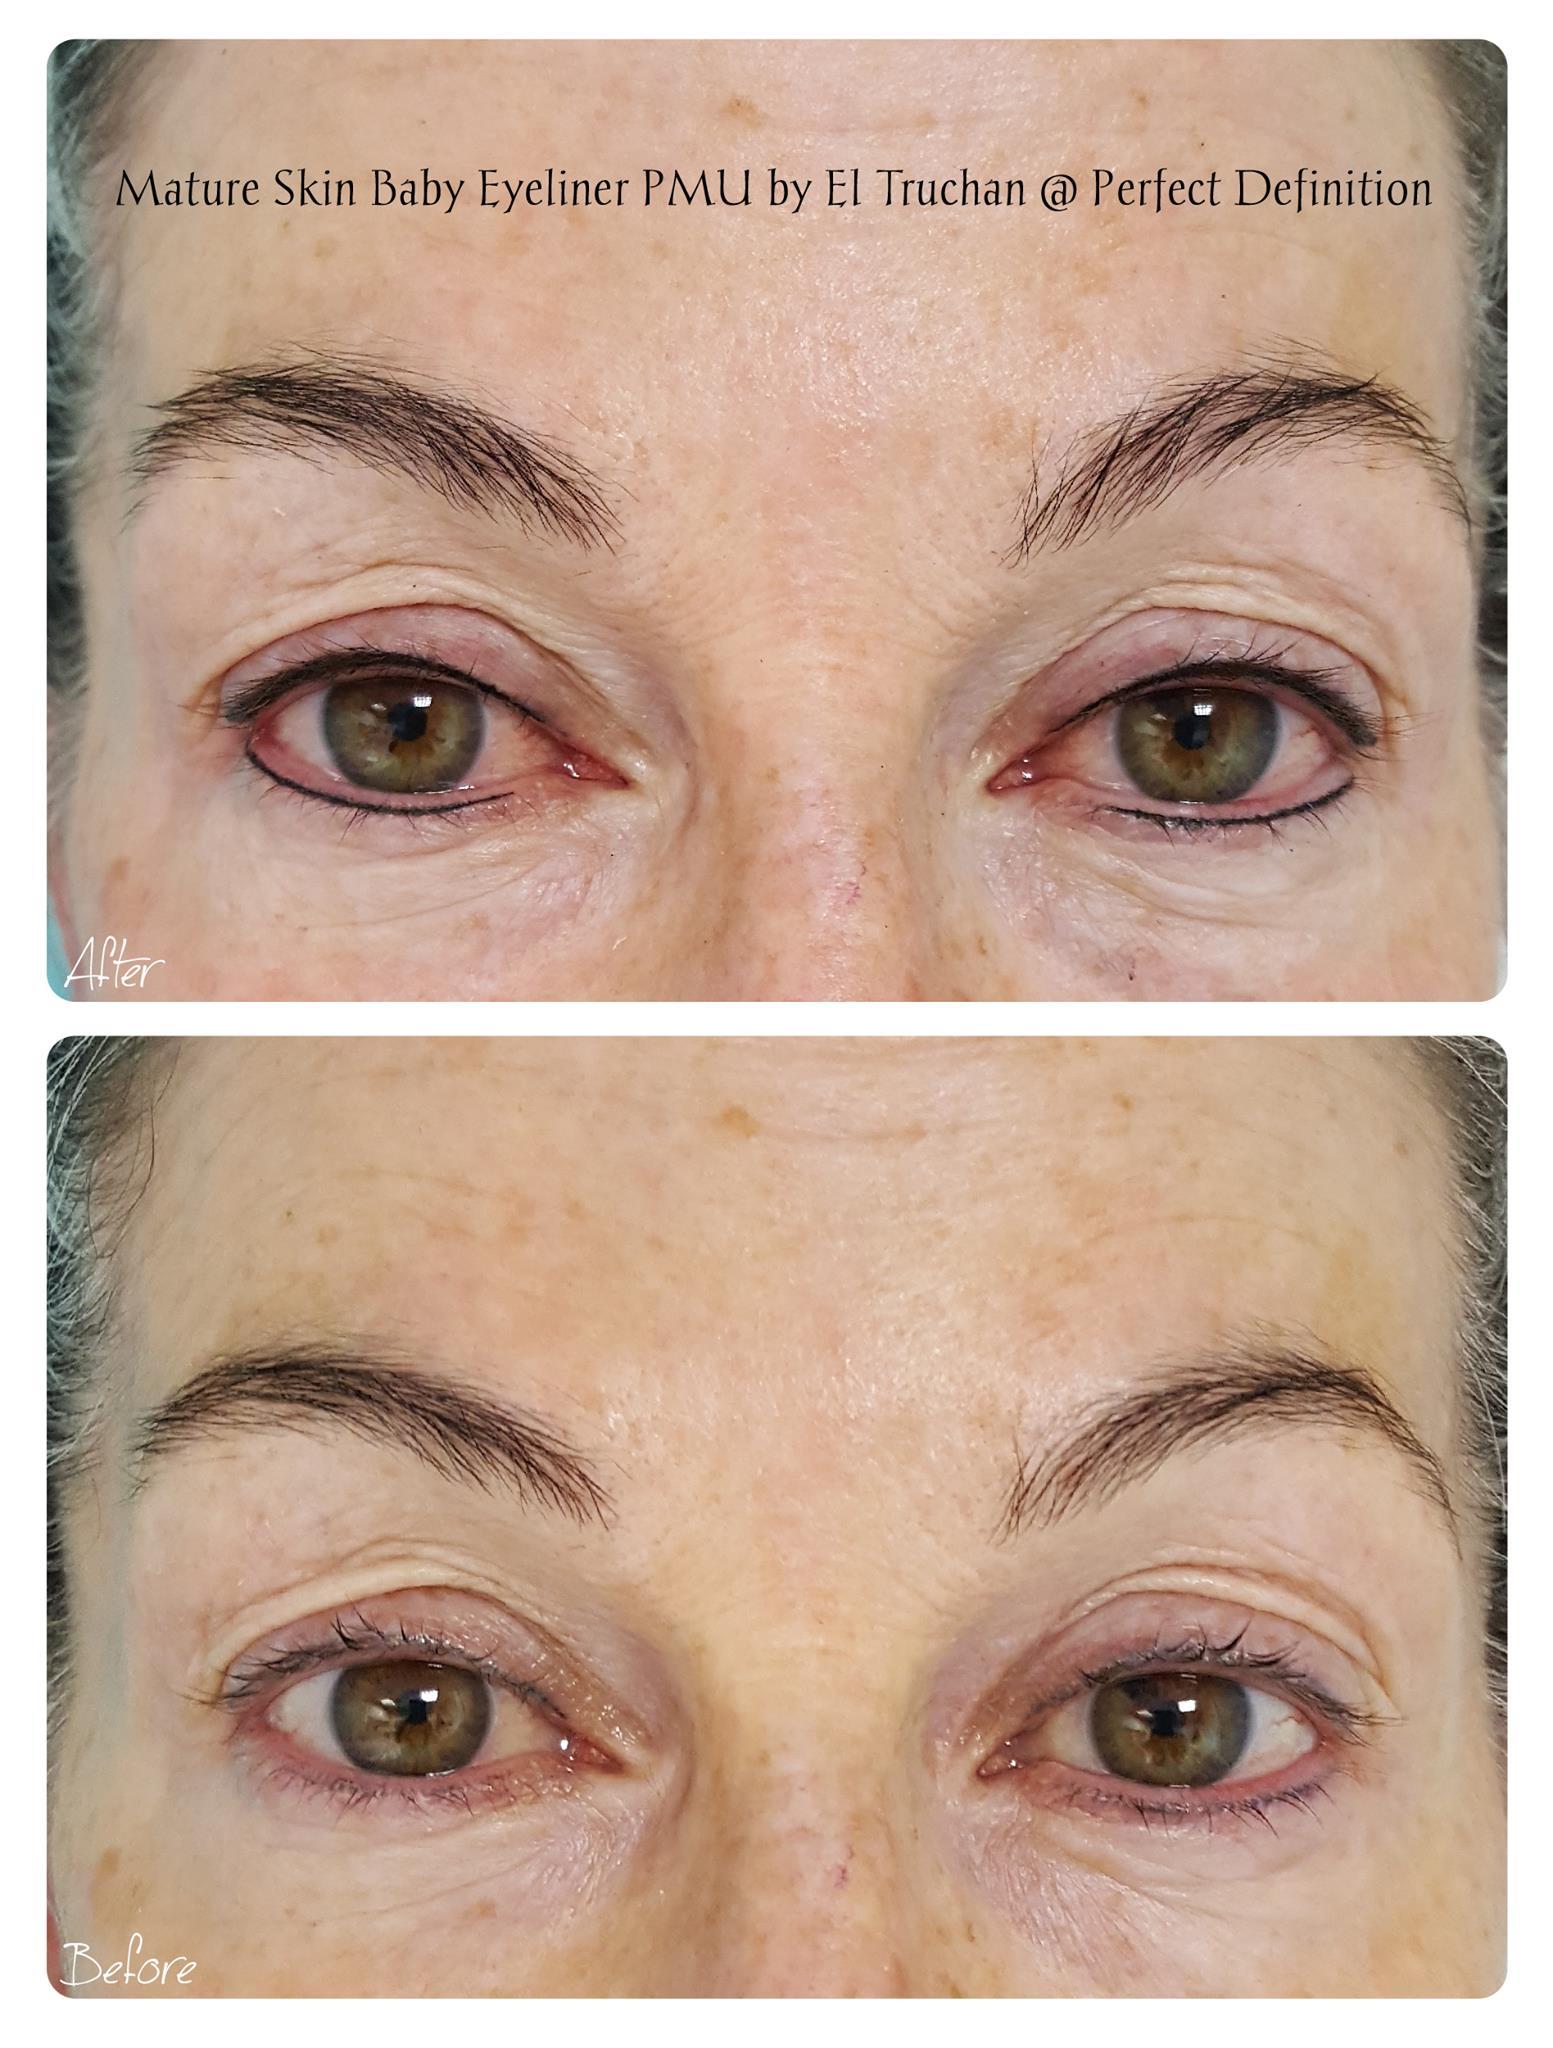 Mature Skin Baby Eyeliner PMU by El Truc